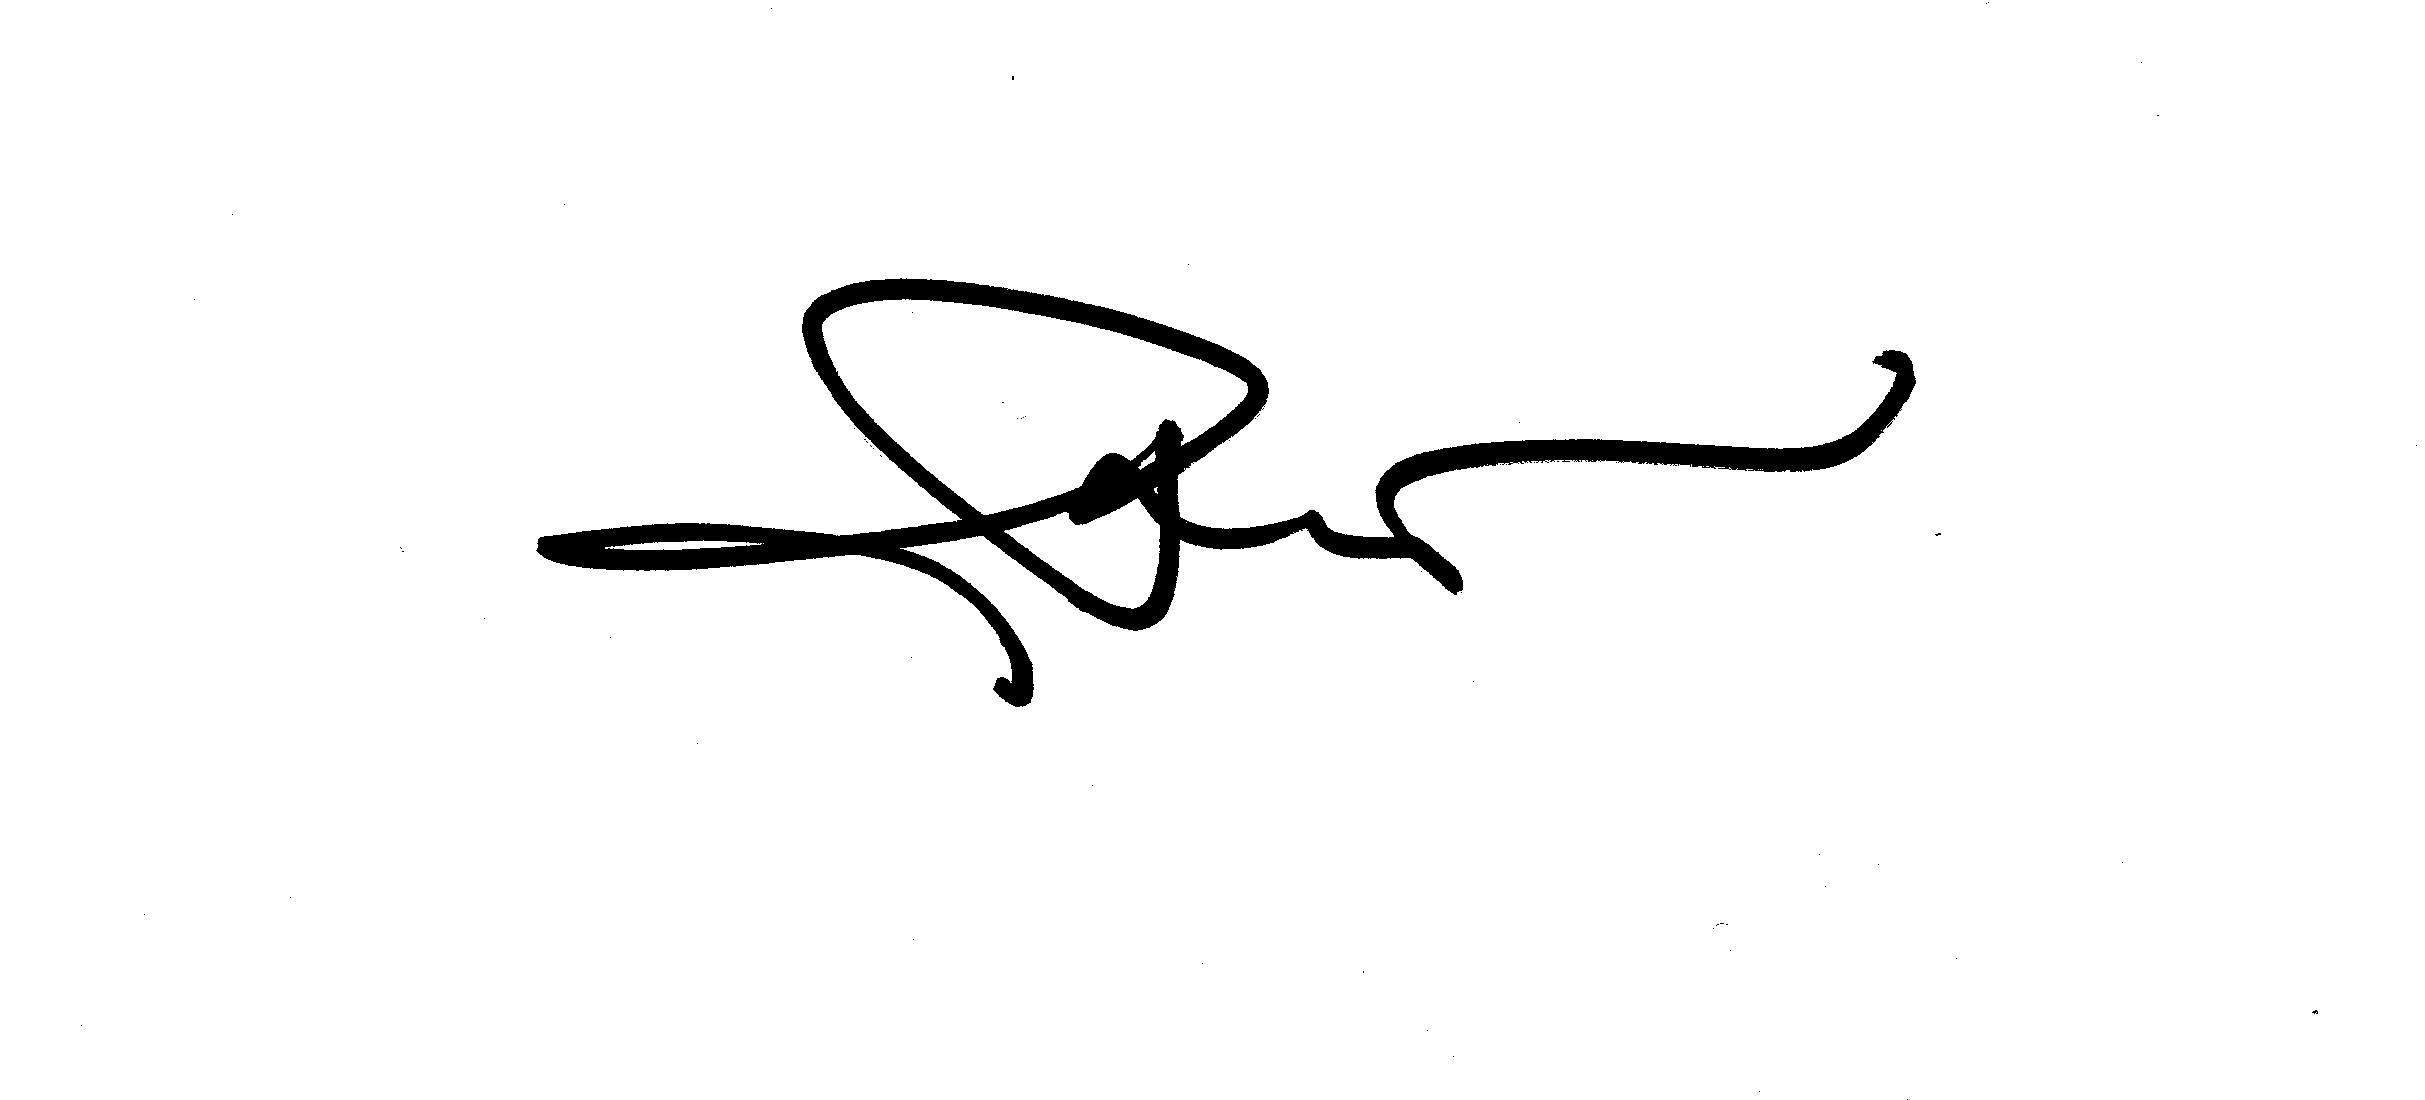 OTTO RAPP Signature